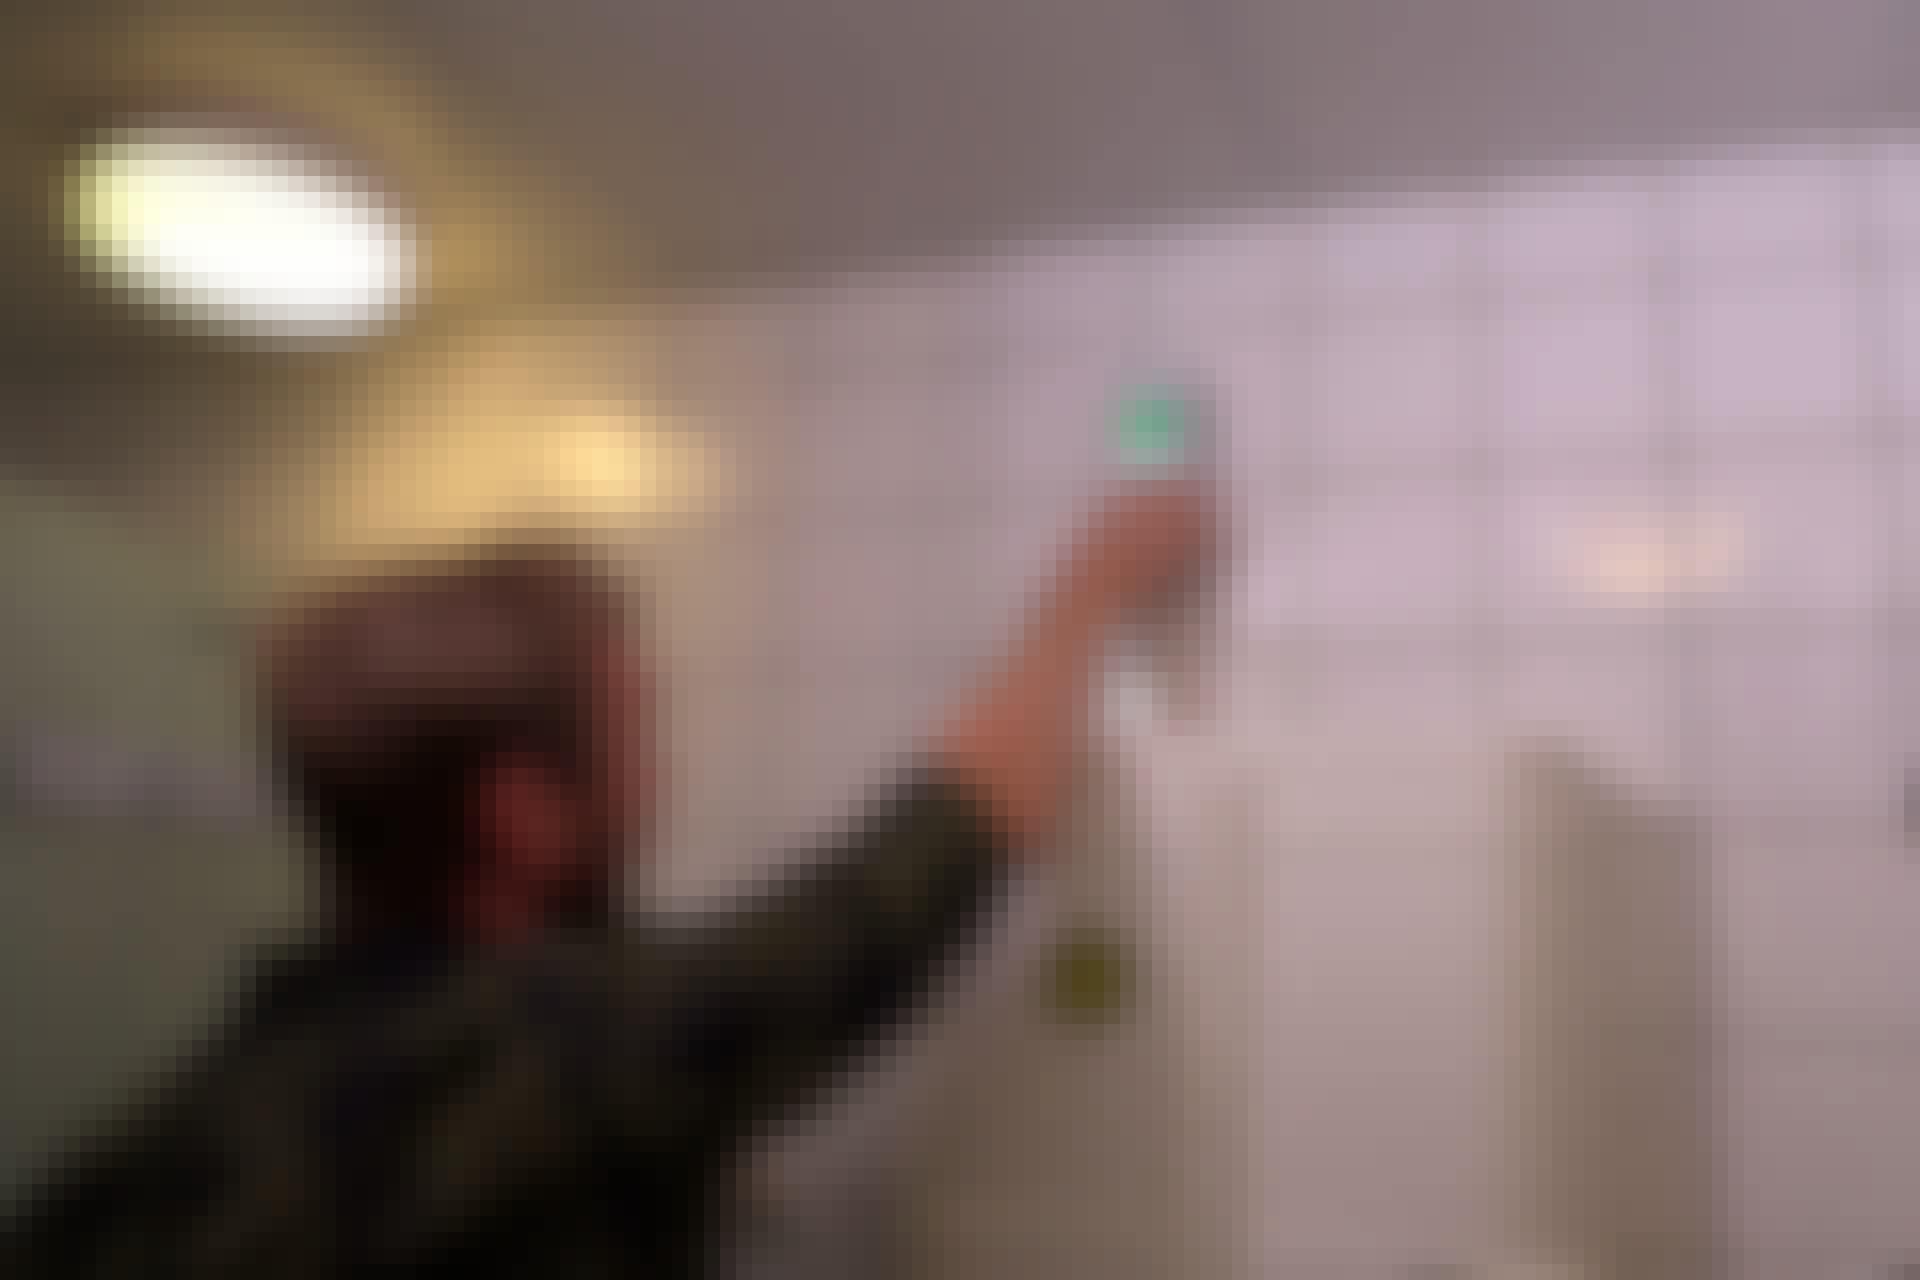 Med veggskanneren kan du raskt og enkelt lokalisere vannrør, før du begynner å bore i flisene.